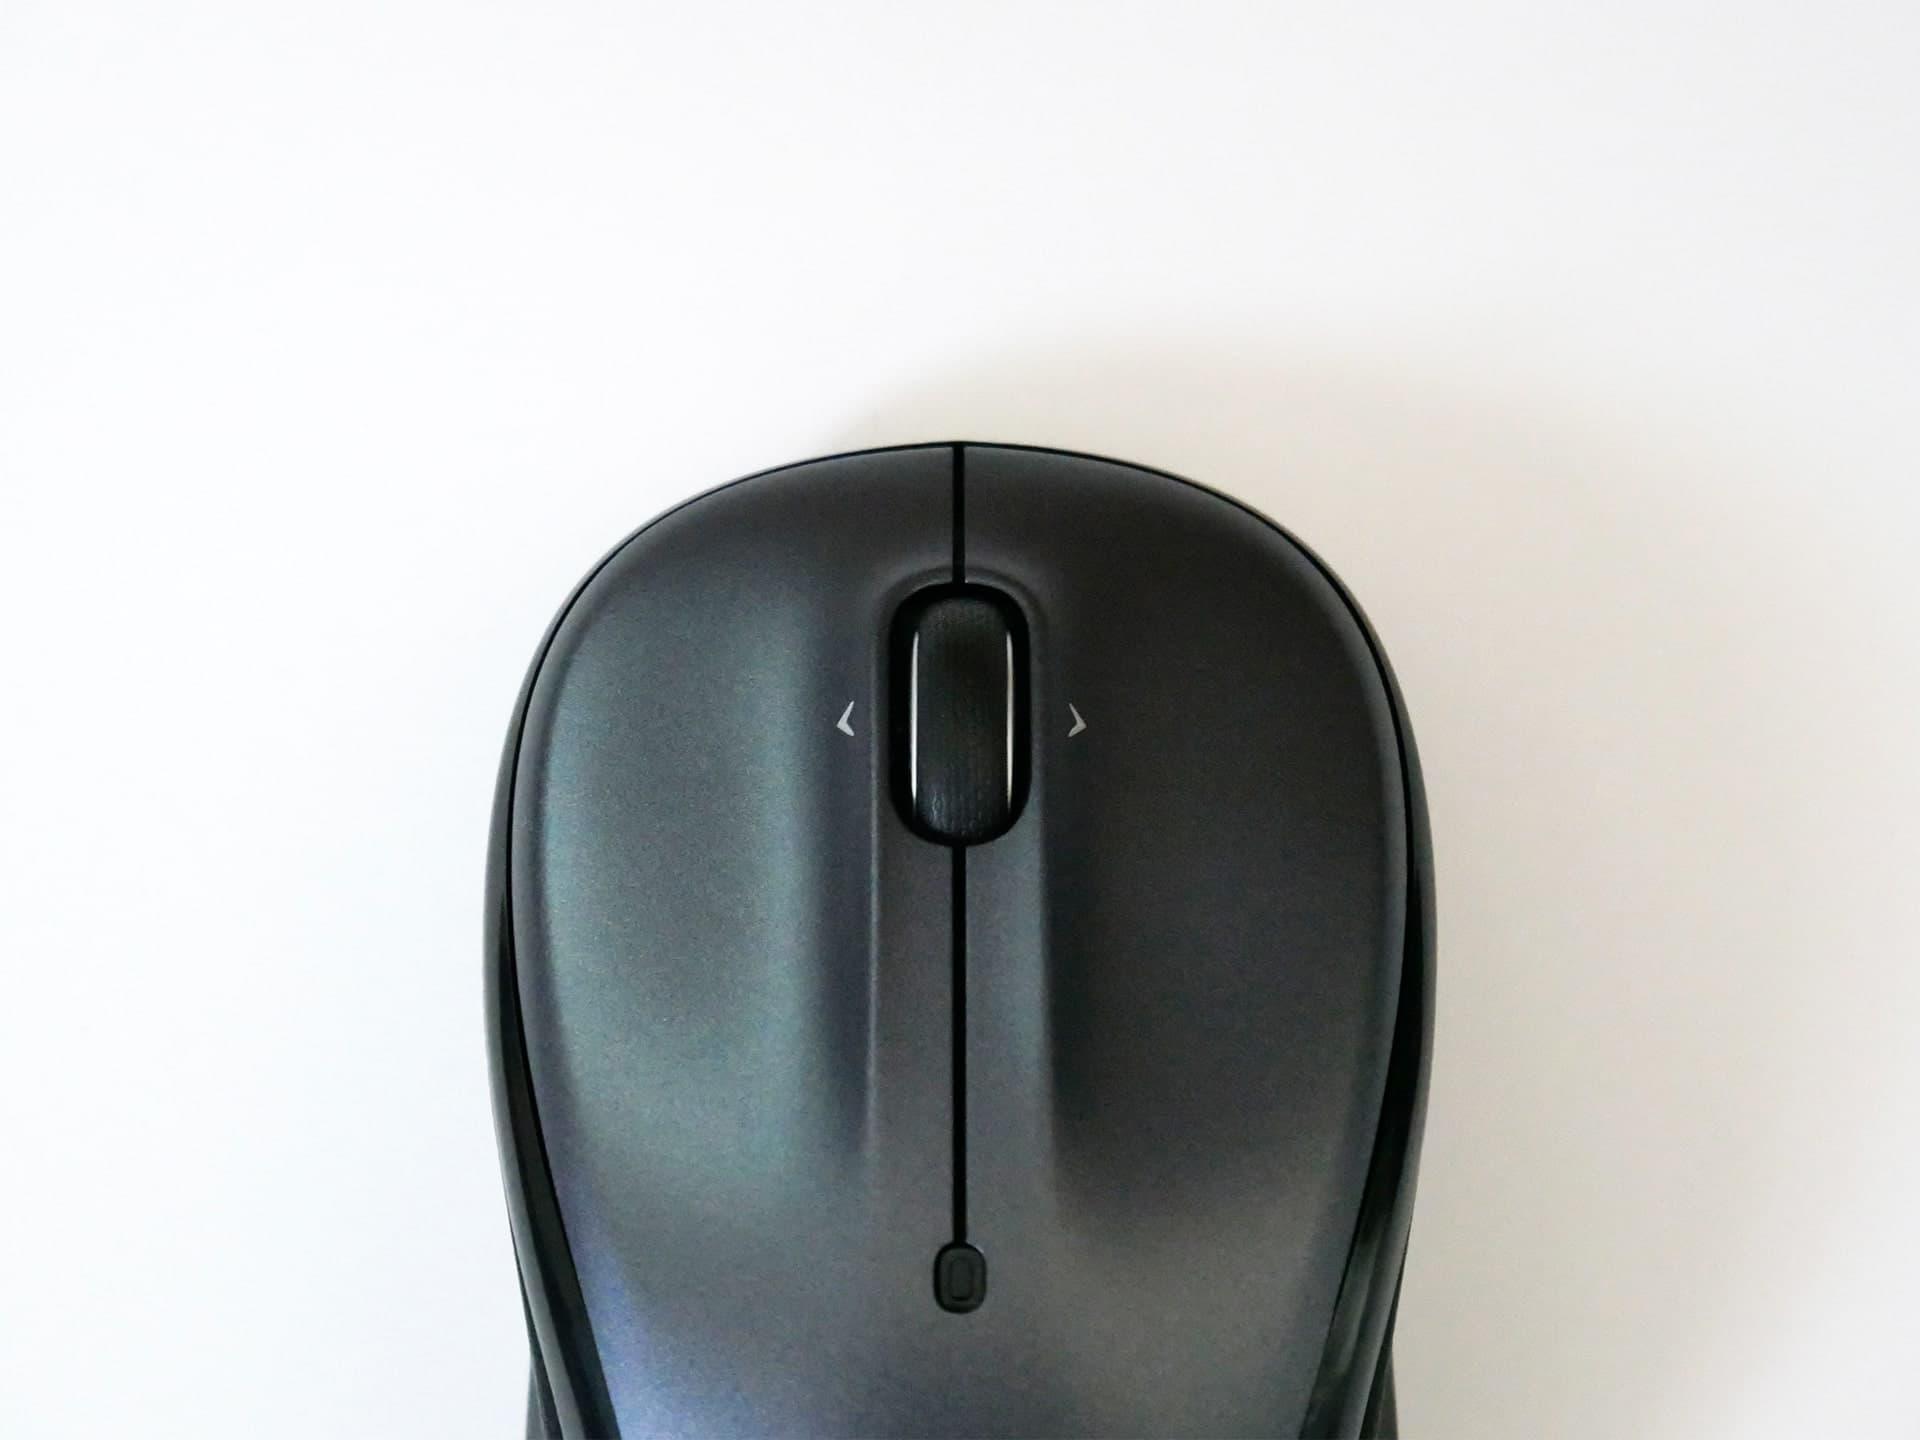 ロジクール「M325」ワイヤレスマウスのホイール